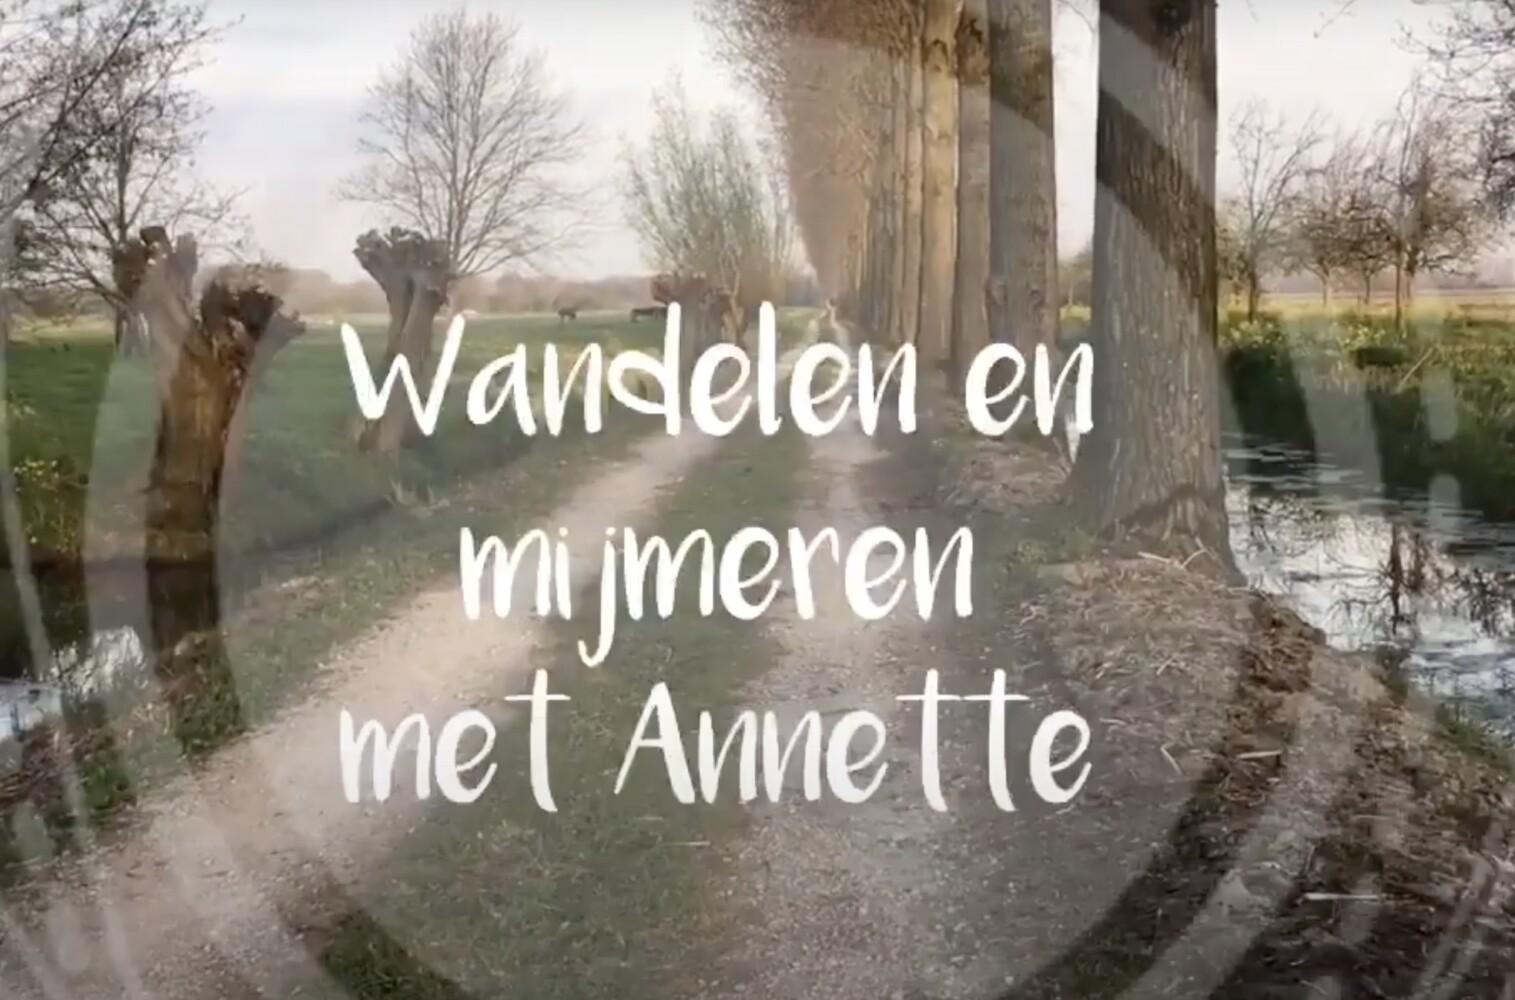 Wandelen met Annette (+ video)